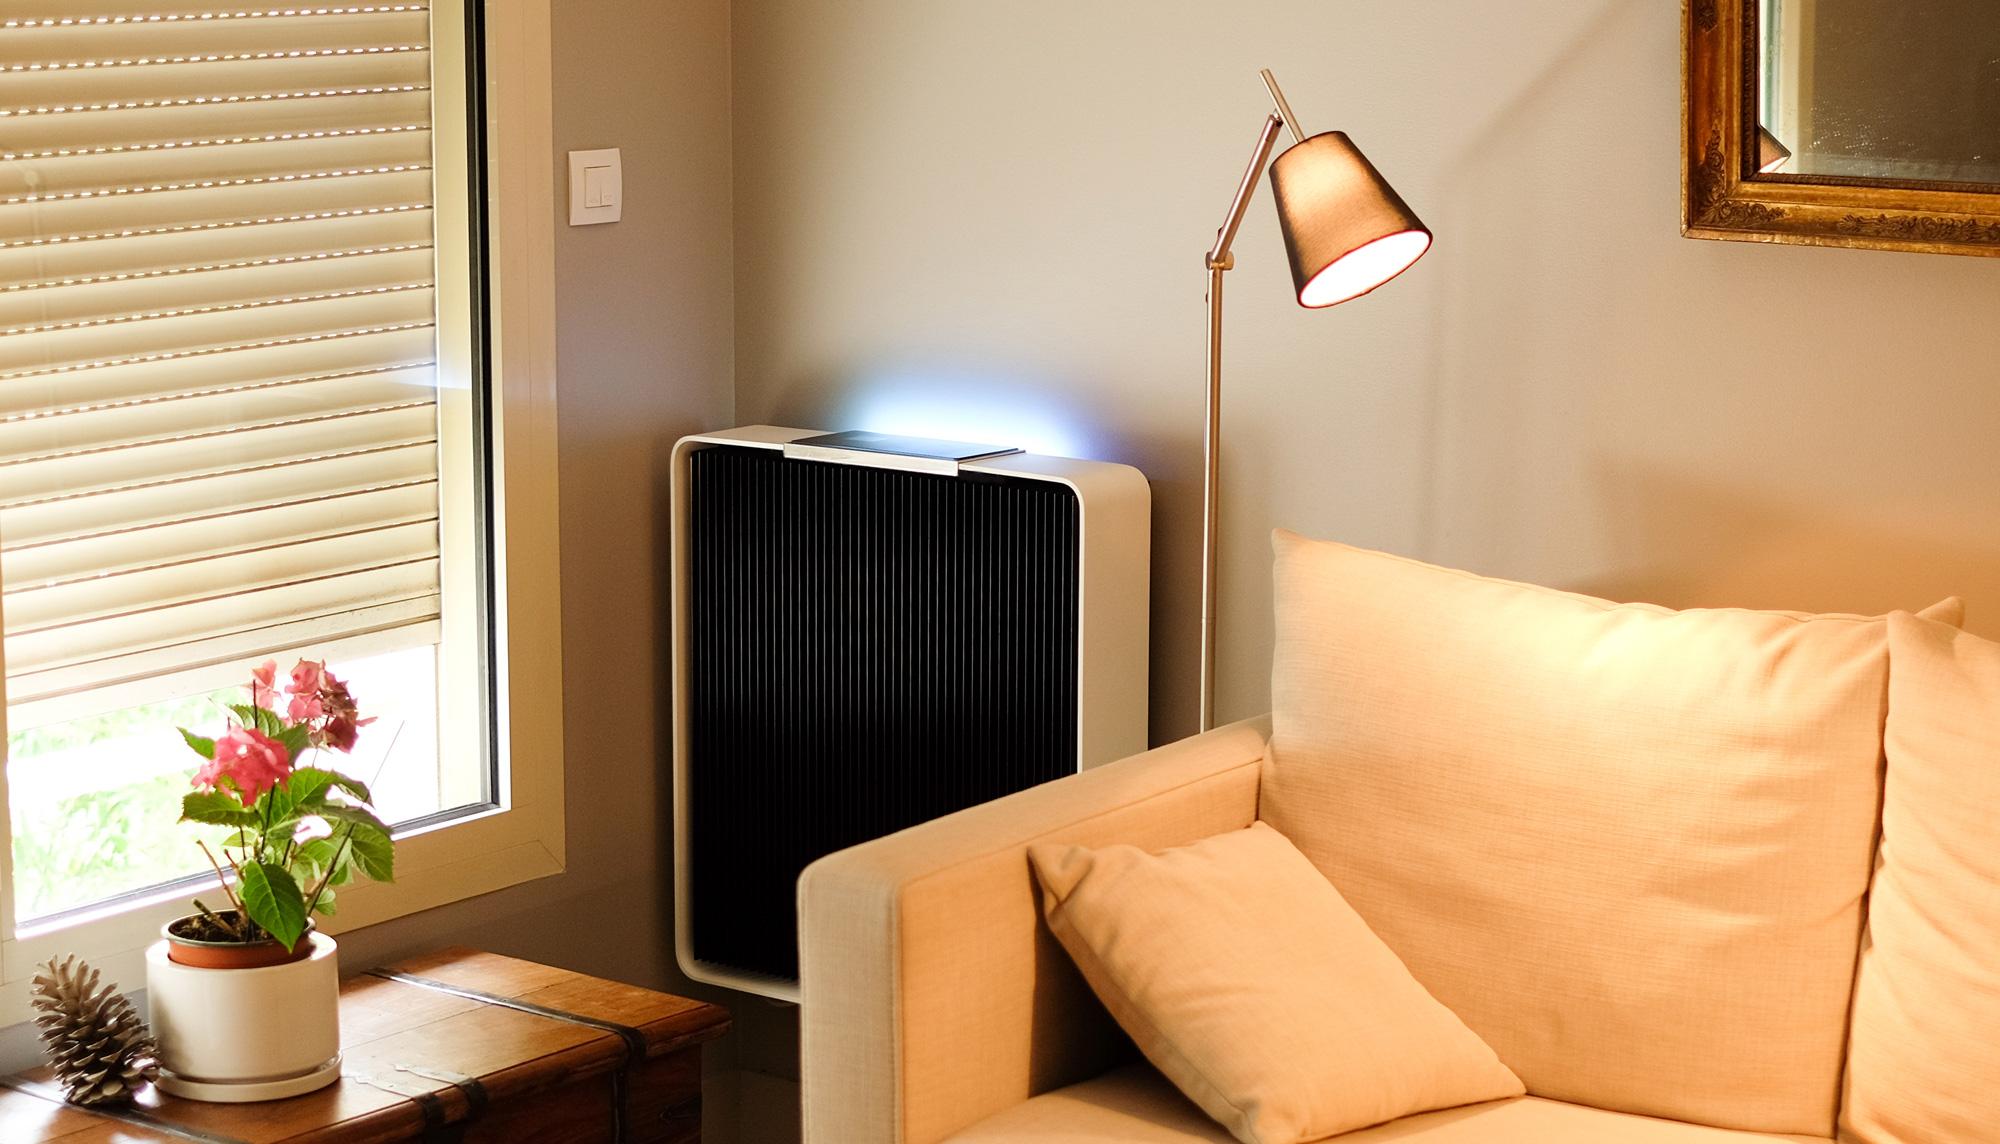 se chauffer gratuitement gr ce des serveurs devient une r alit tech numerama. Black Bedroom Furniture Sets. Home Design Ideas